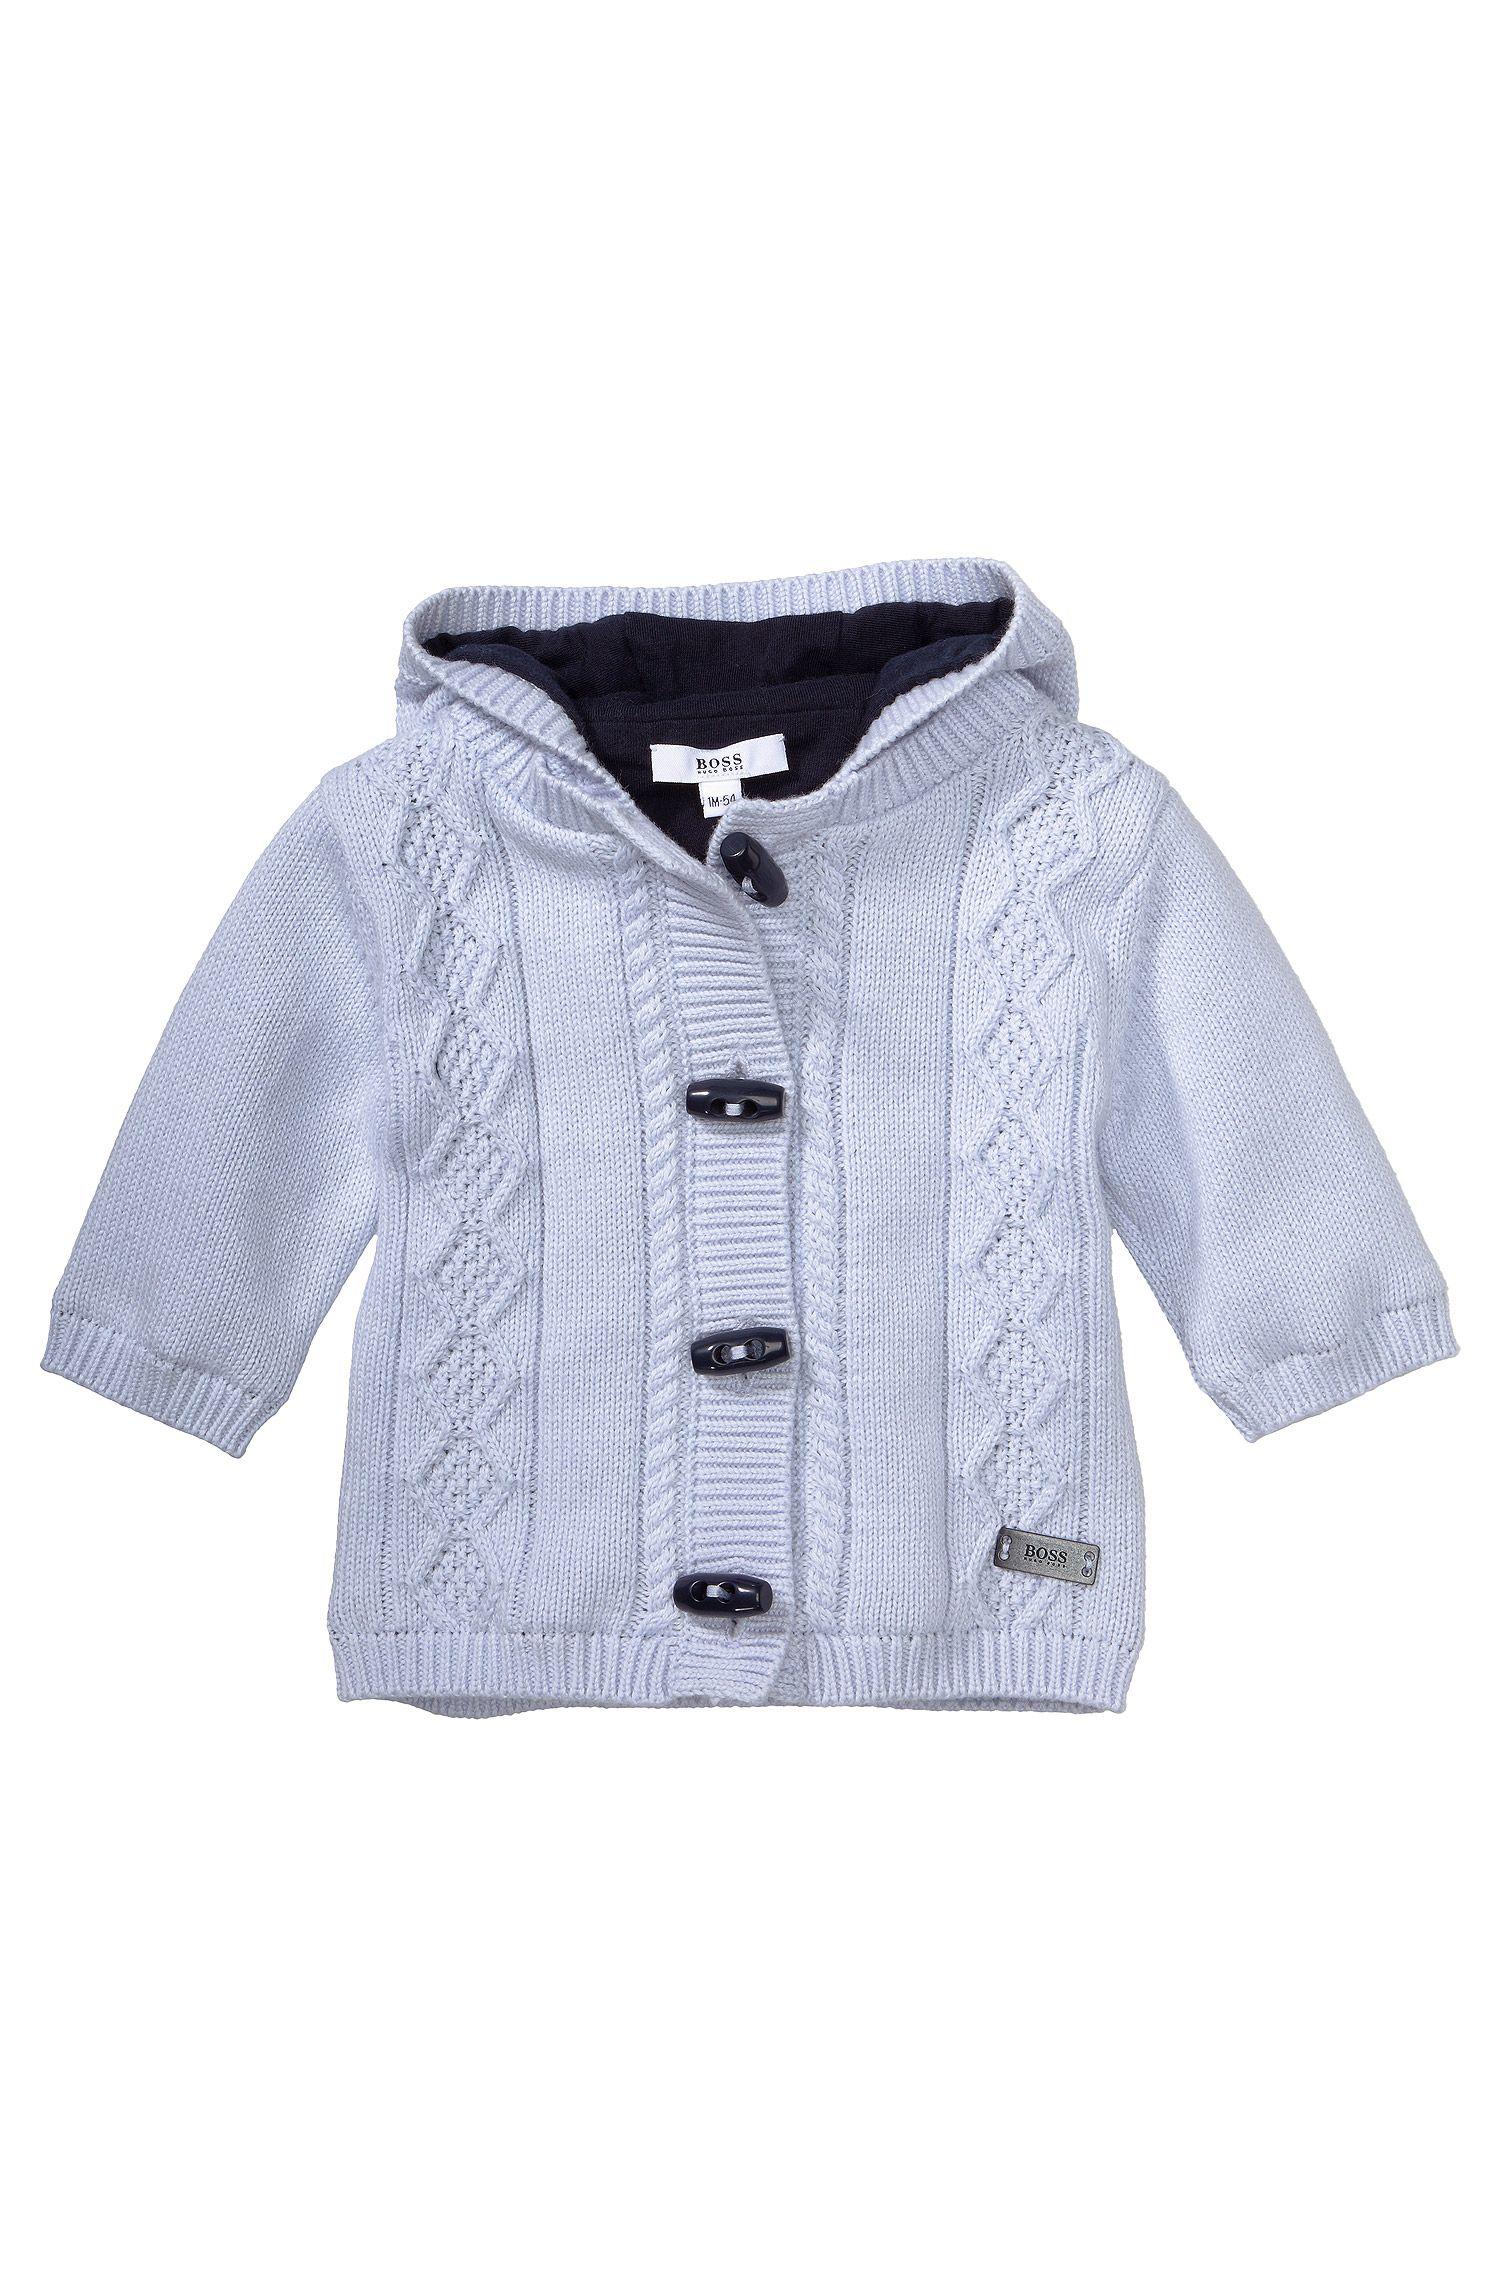 Veste en maille pour enfant «J95137» en coton mélangé